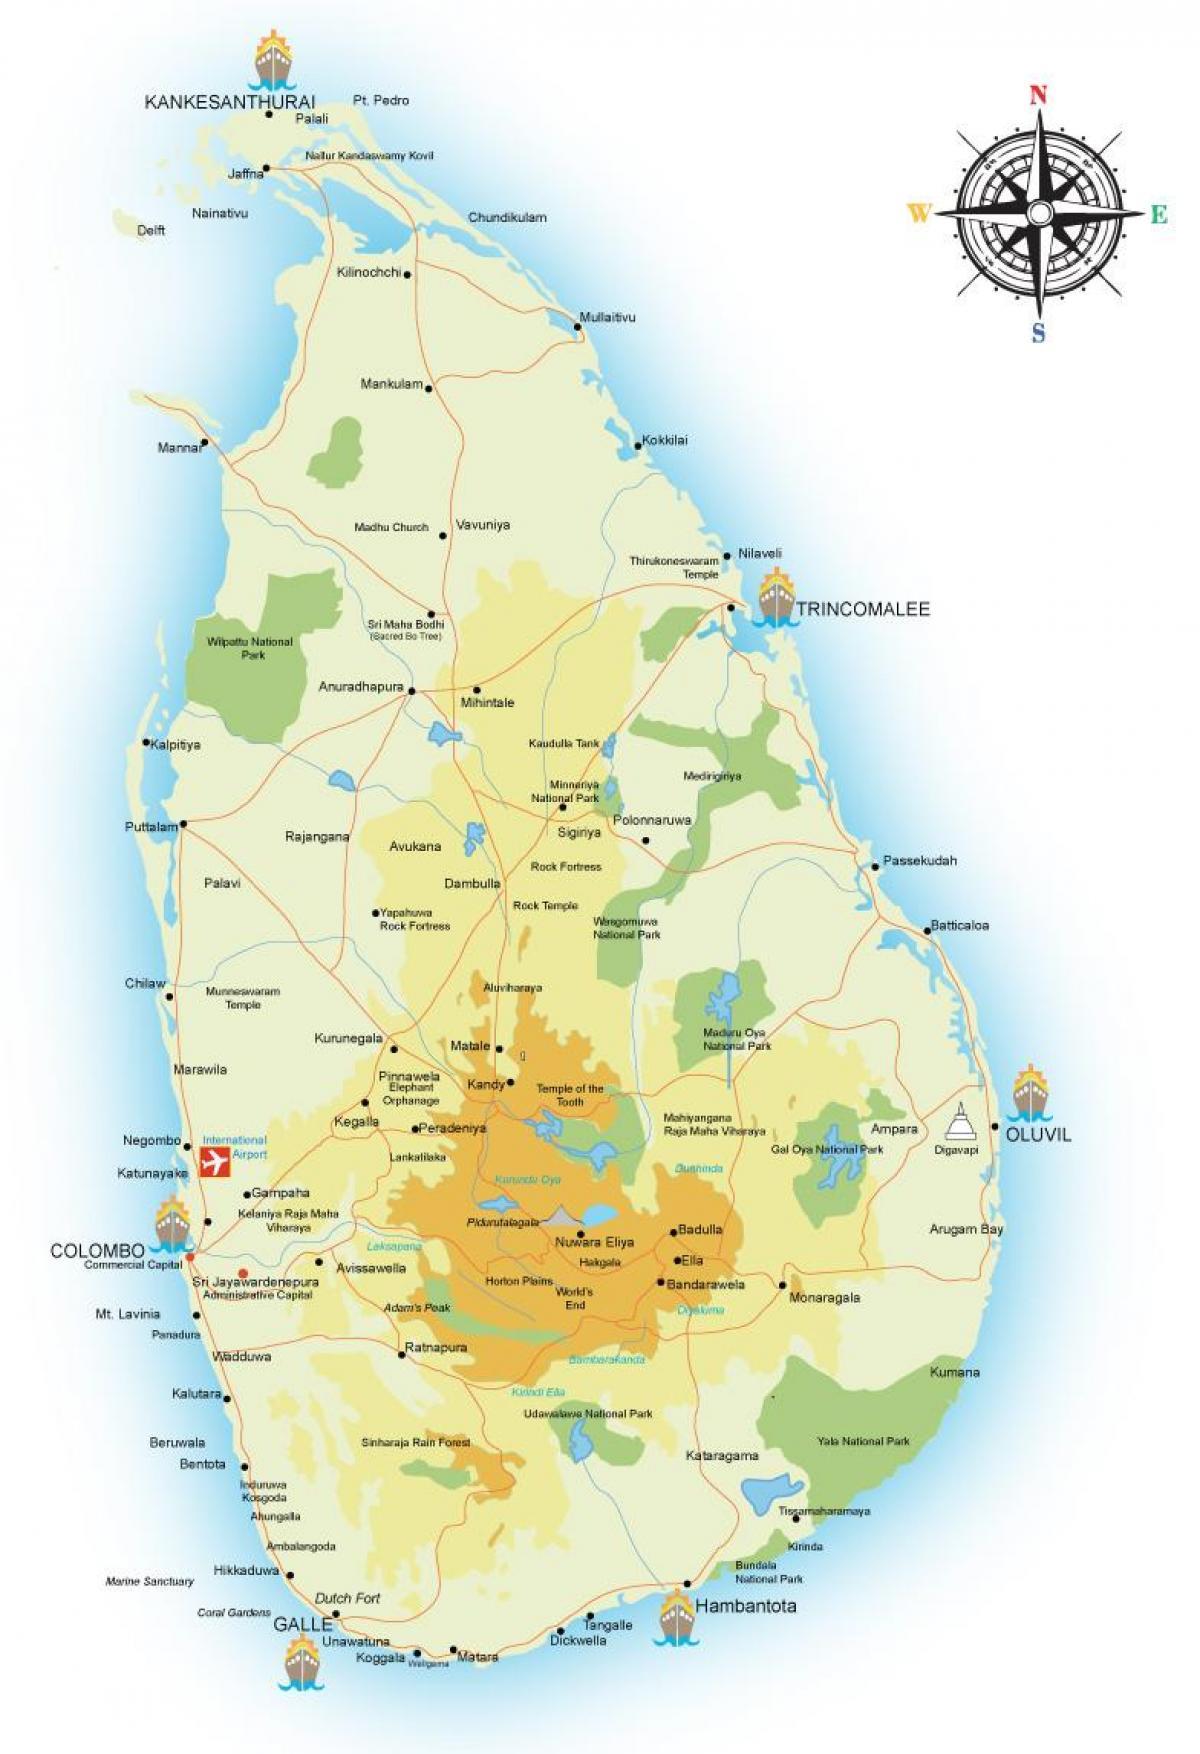 Sri Lanka Portit Kartta Kartta Sri Lanka Ports Etela Aasia Aasia